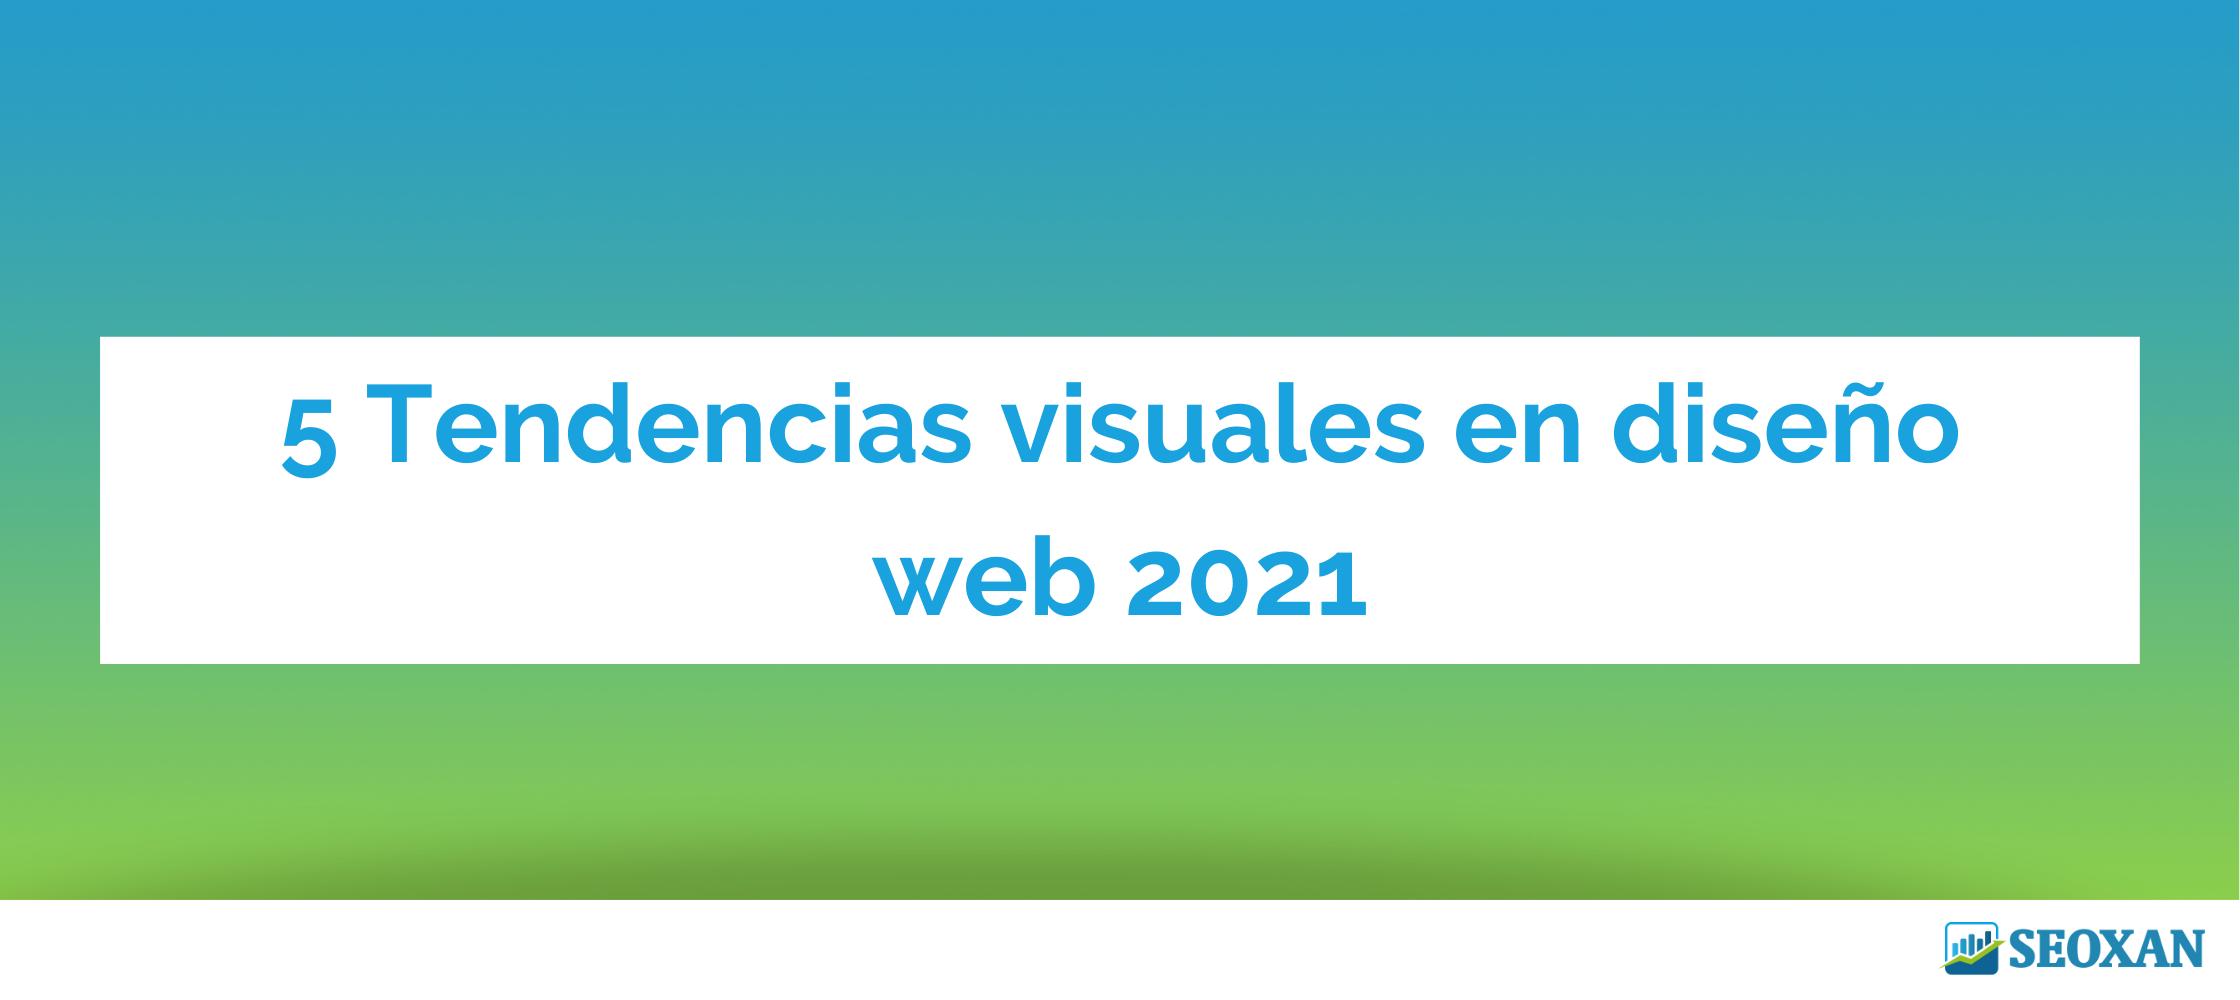 tendencias diseño web 2021